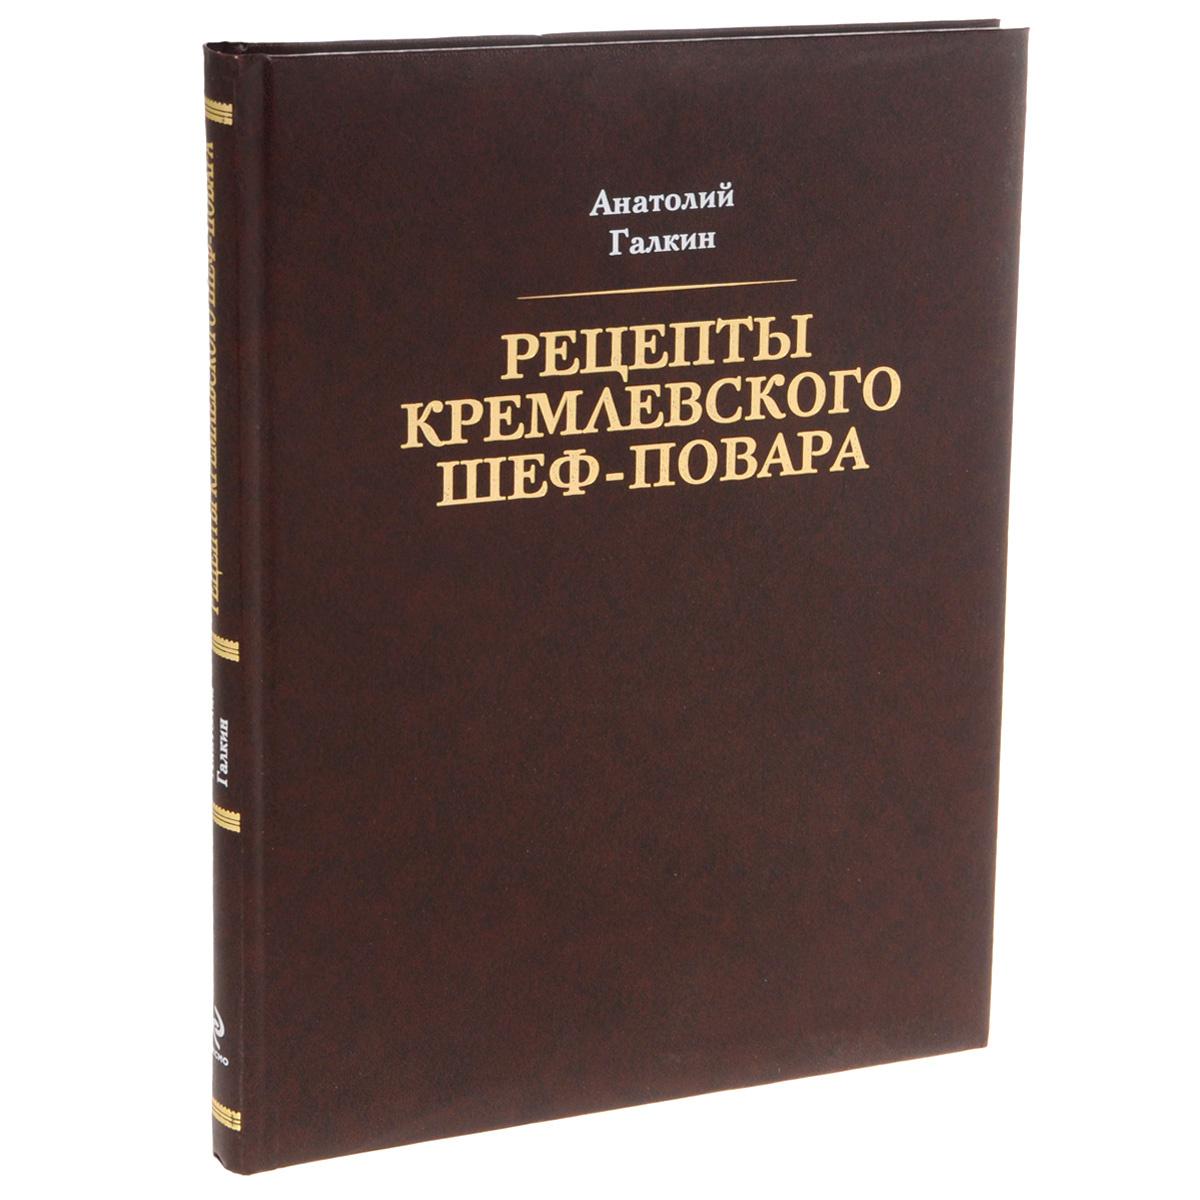 Рецепты кремлевского шеф-повара #1